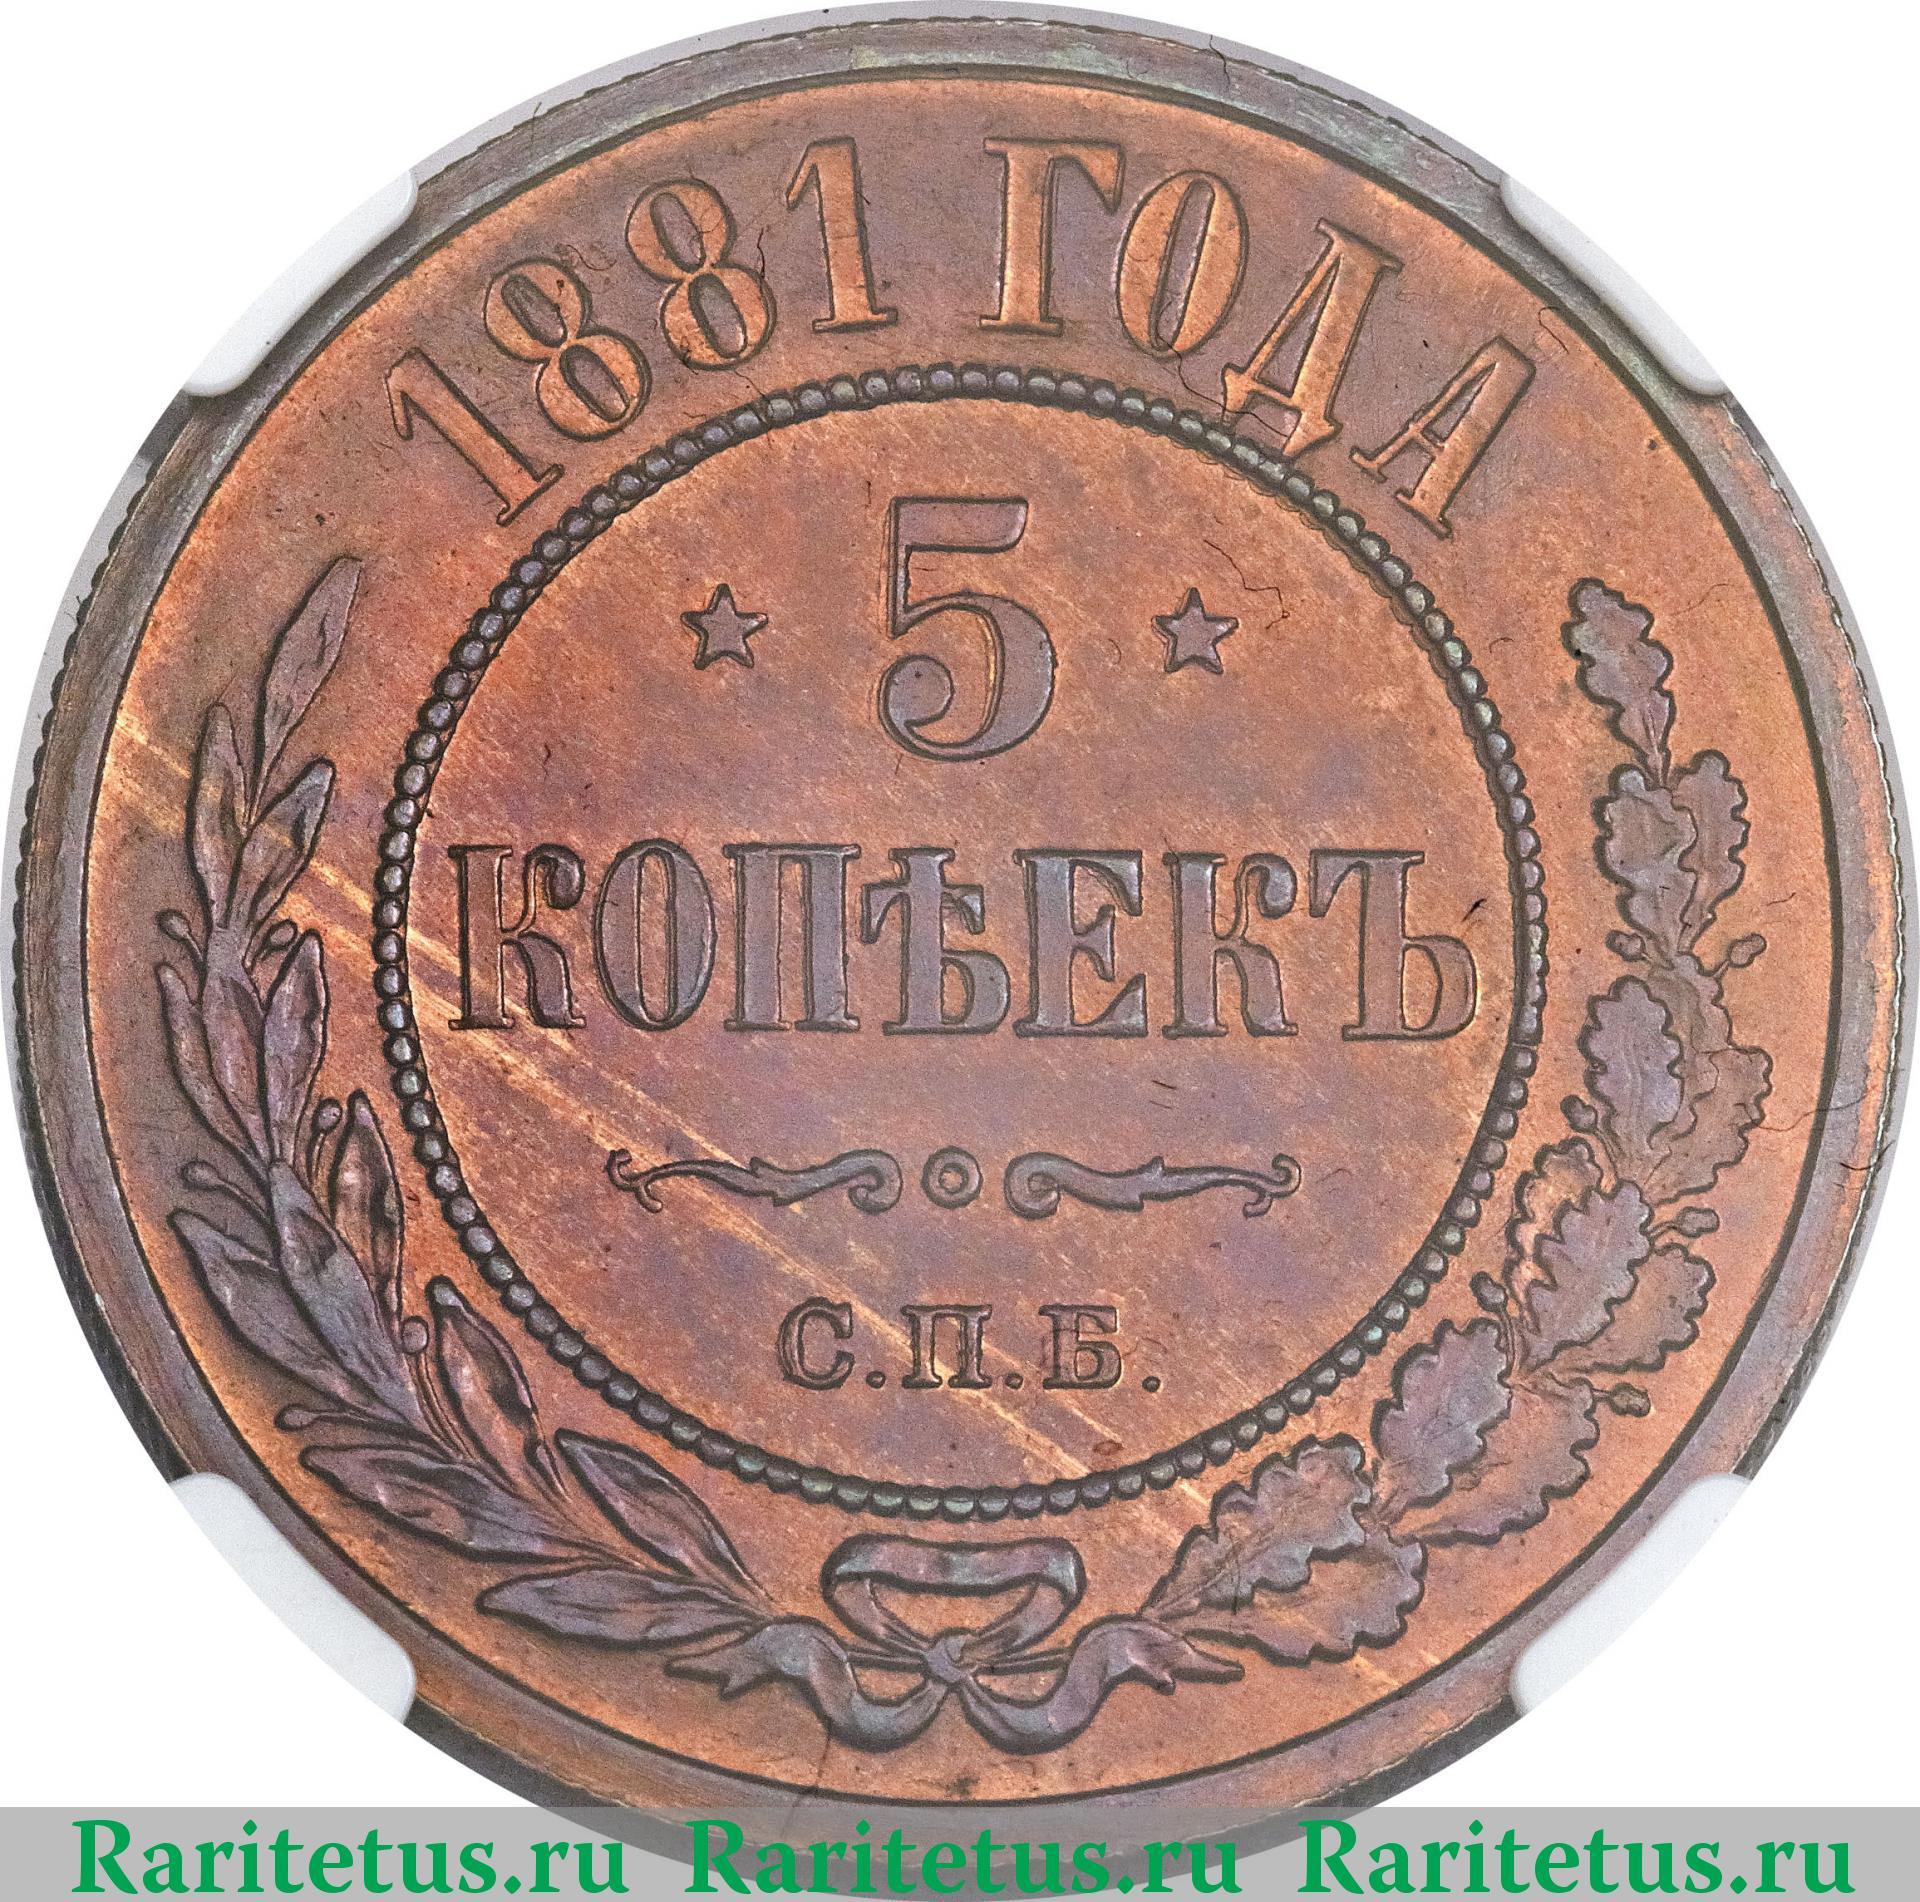 5 копеек 1871 года не редкая, но не частая медная монета российской империи времен александра ii